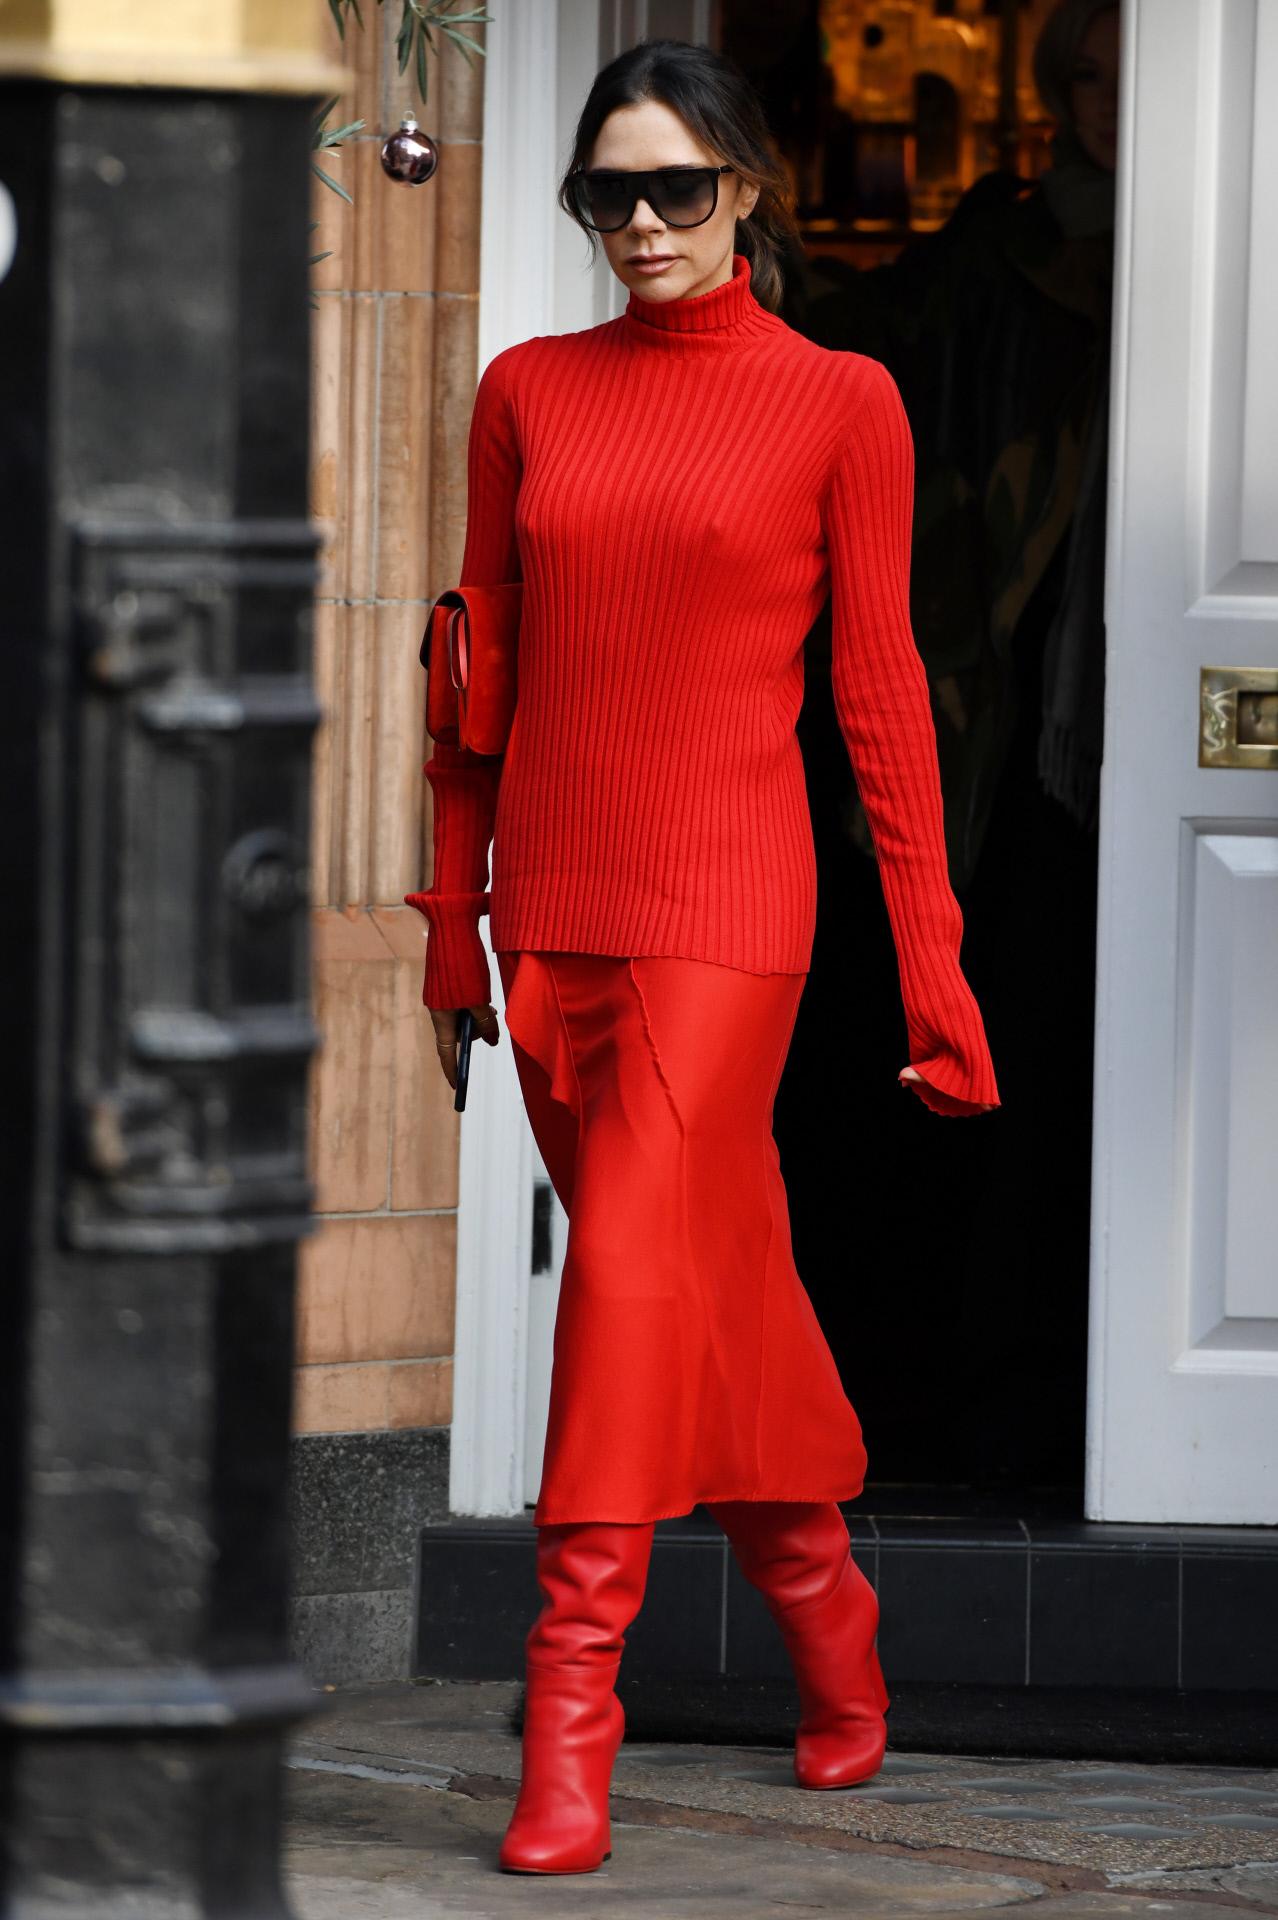 Los estilismos monocolor son unos de los favoritos de Victoria Beckham